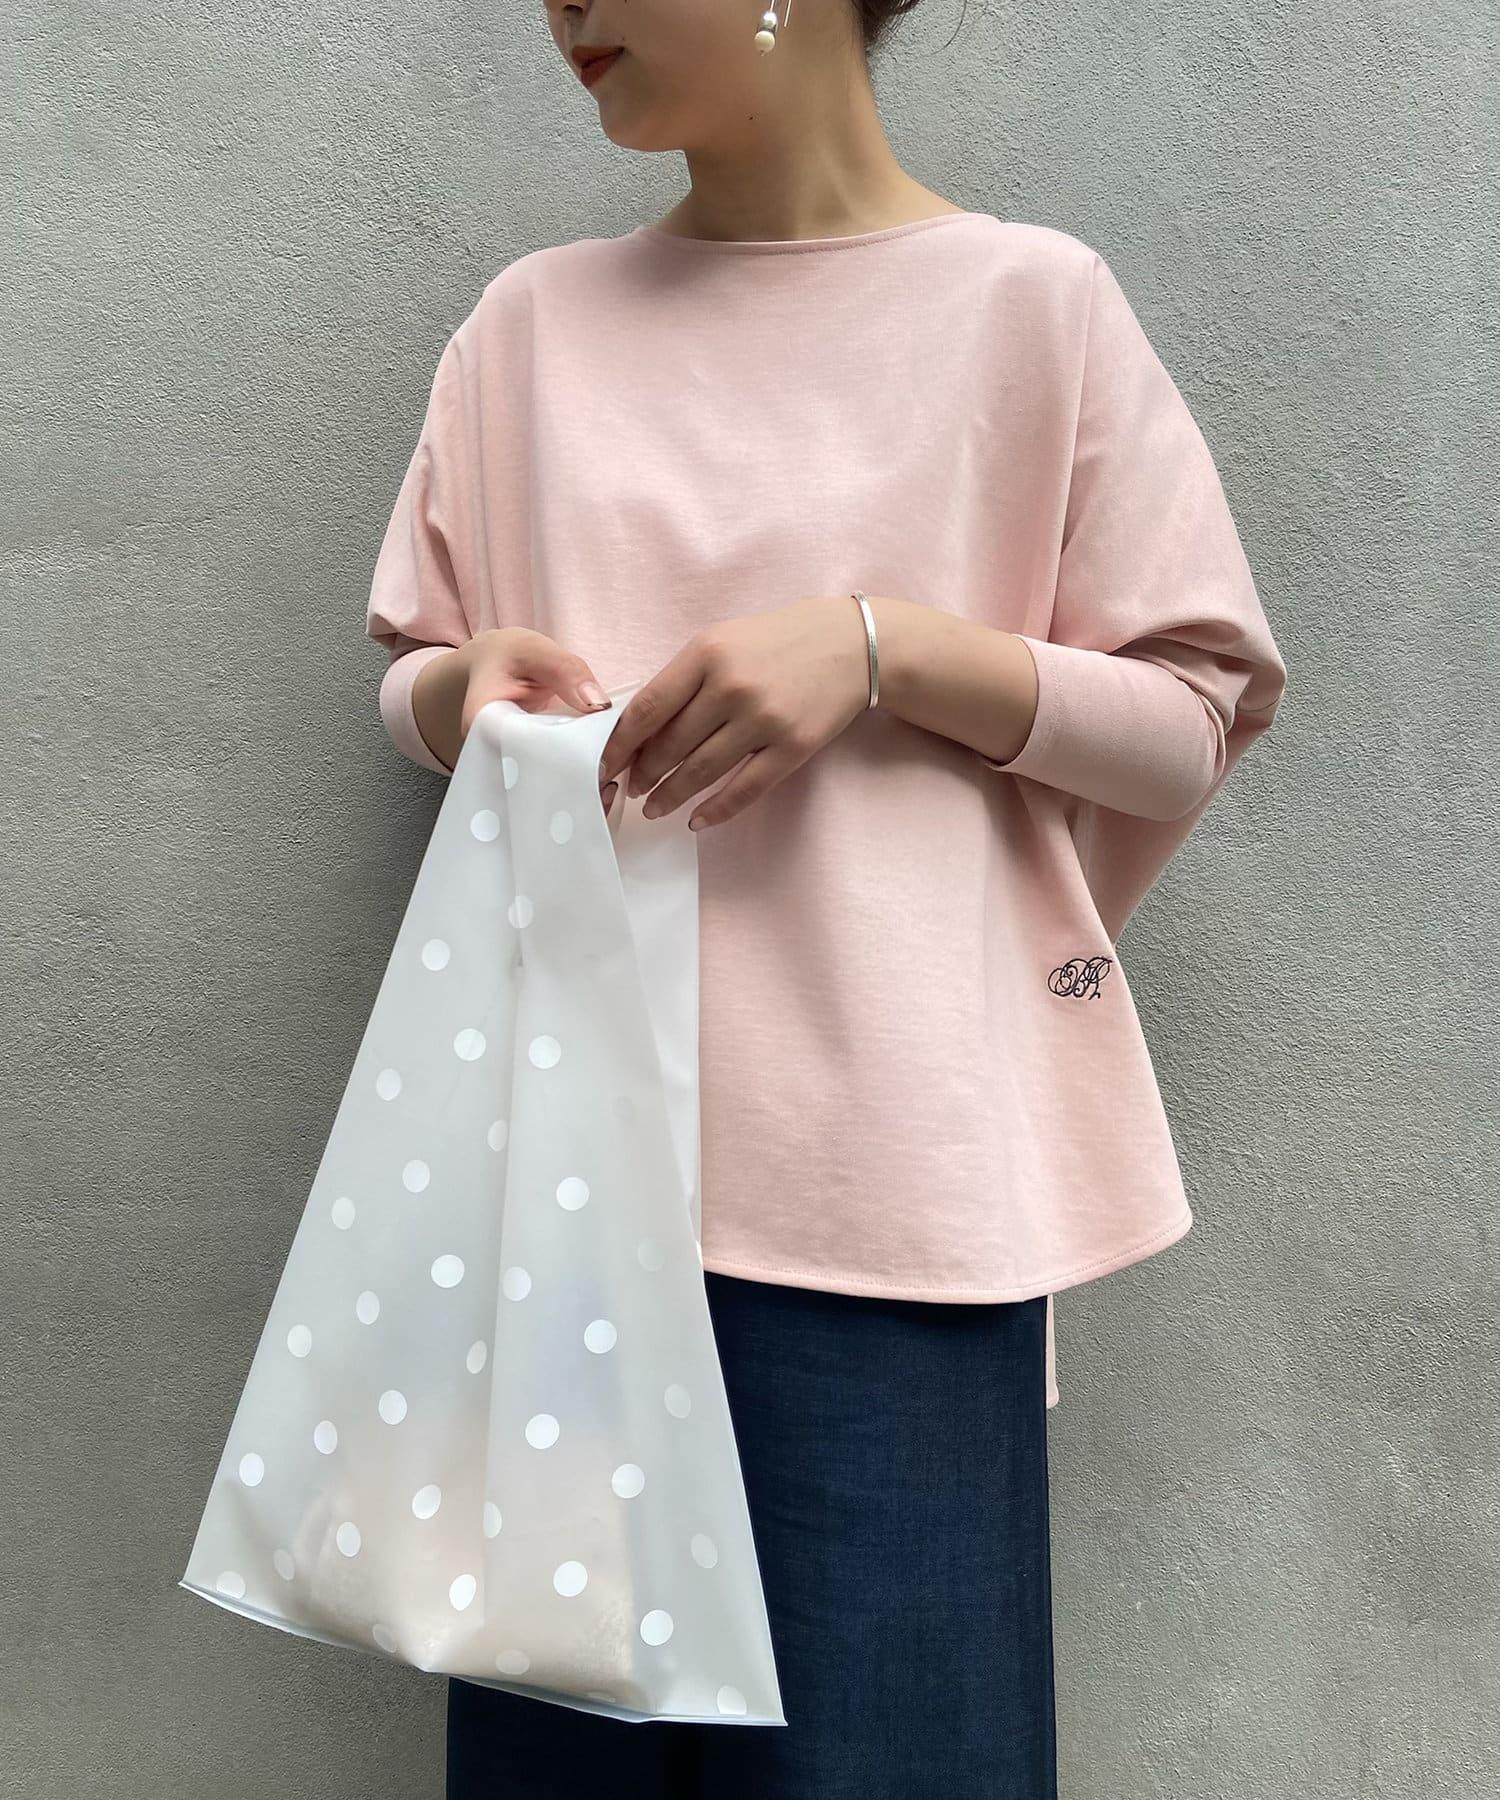 BEARDSLEY(ビアズリー) 《ピンクの追加予約決定!》裾刺繍カットソー